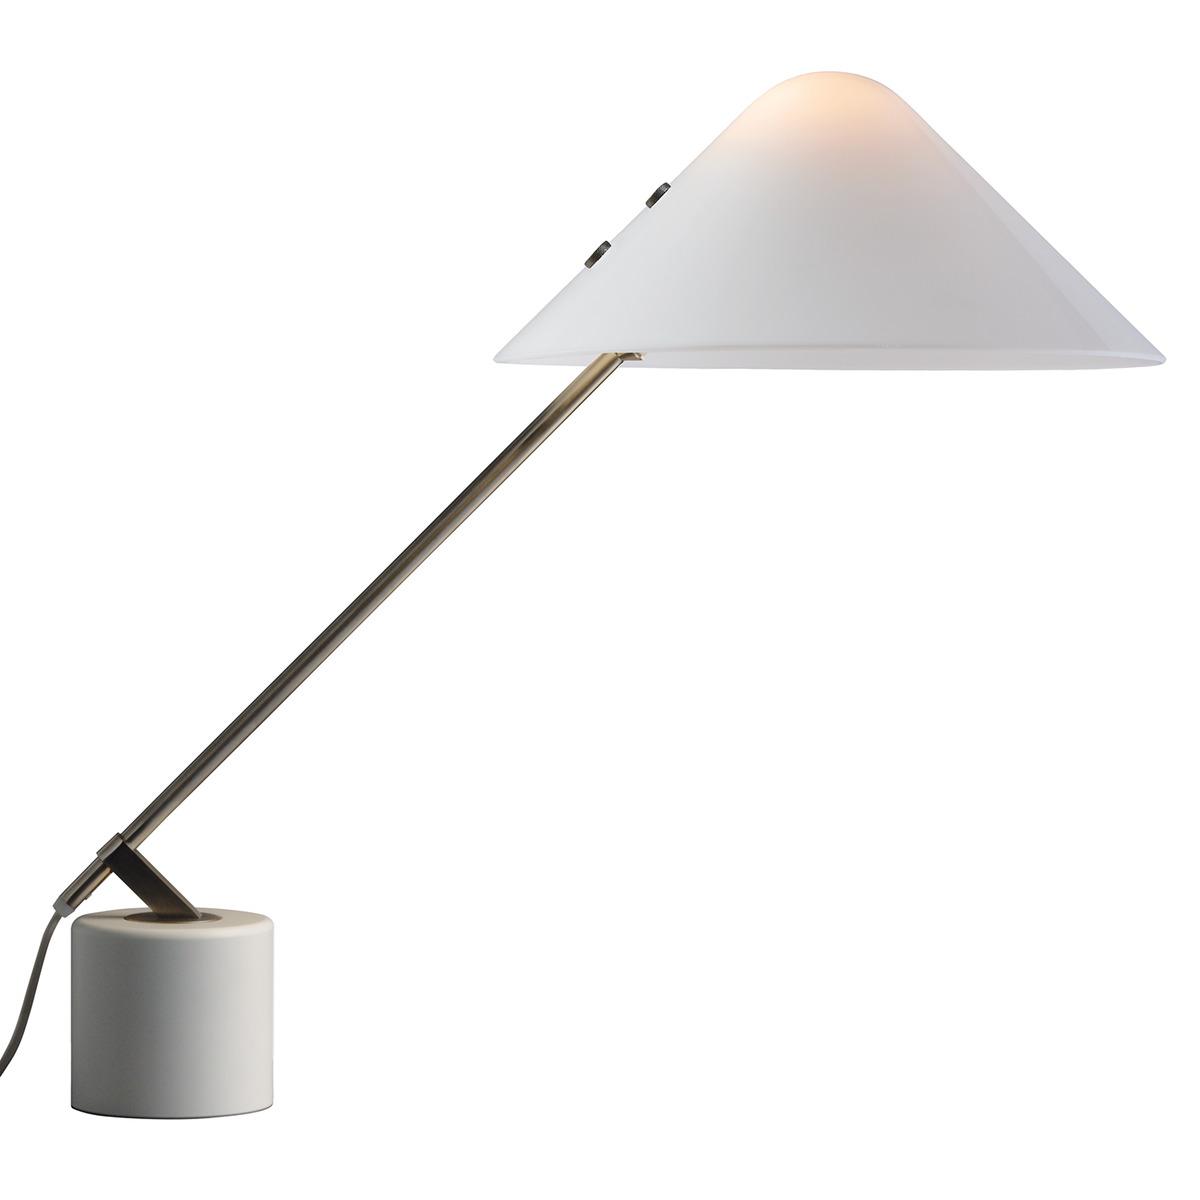 Pandul Swing Vip Table Lamp, Opal